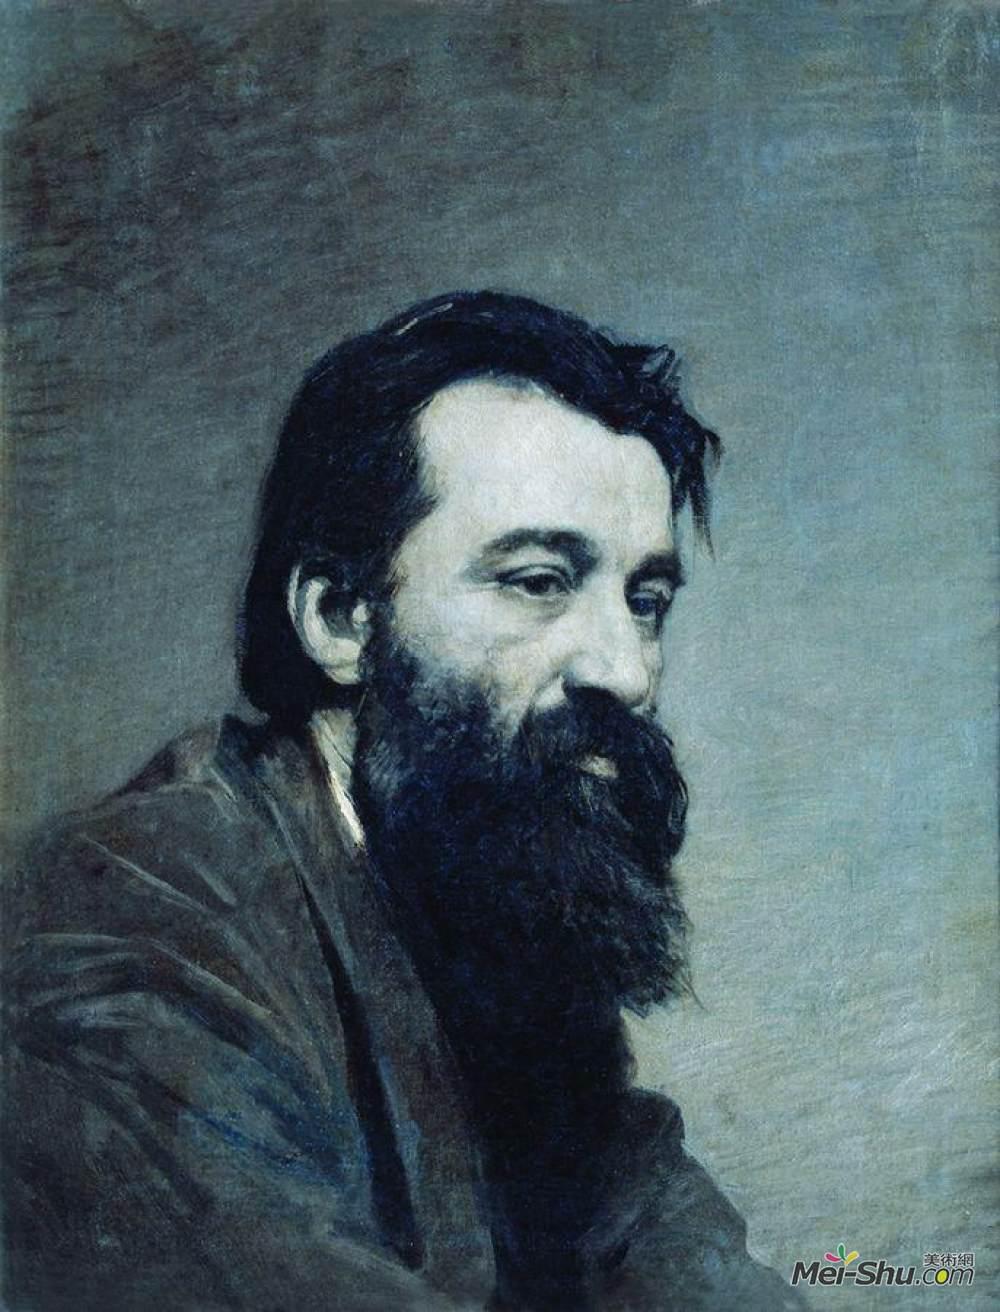 米科拉雅罗申科(Mykola Yaroshenko)高清作品《Portrait of Sergey Nikolaevich Amosov》